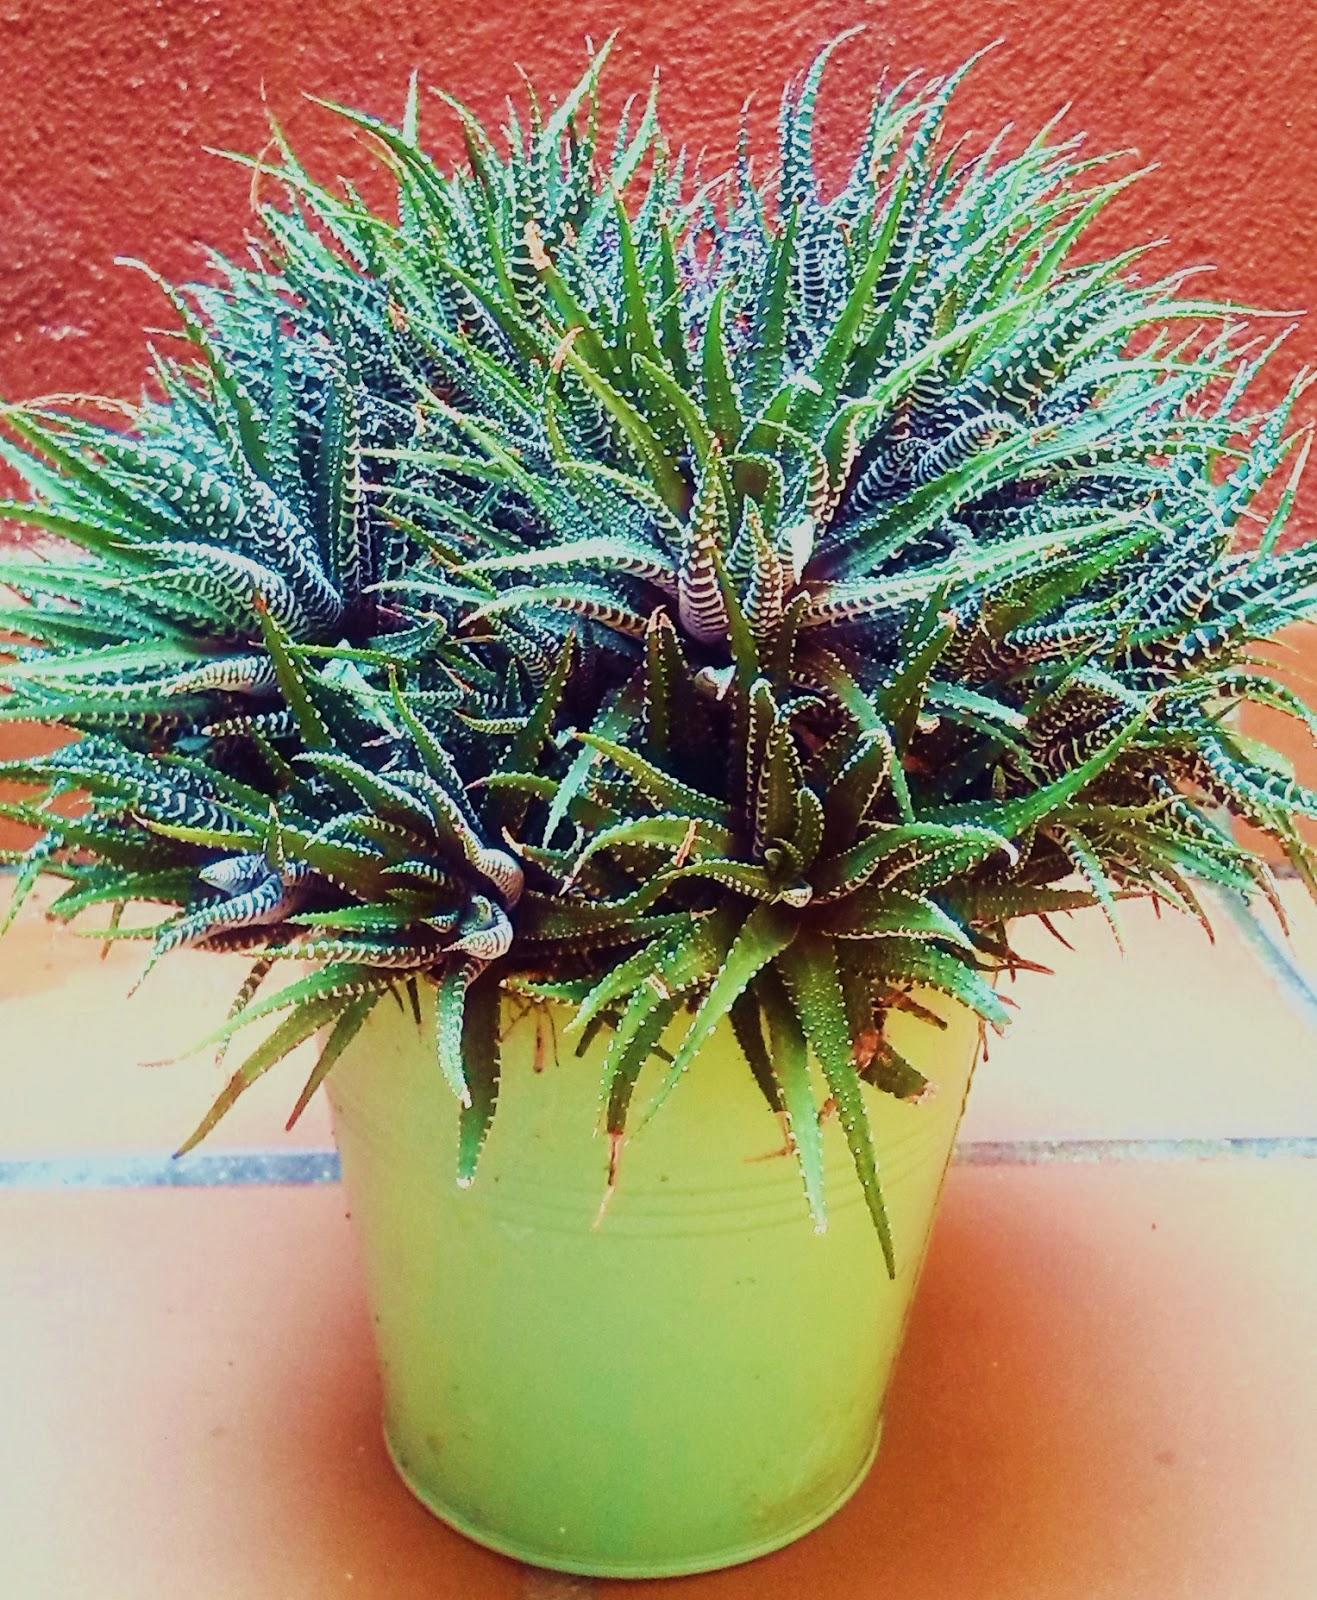 La ventana de javiruli plantas crasas 9 haworthia fasciata for Plantas crasas interior